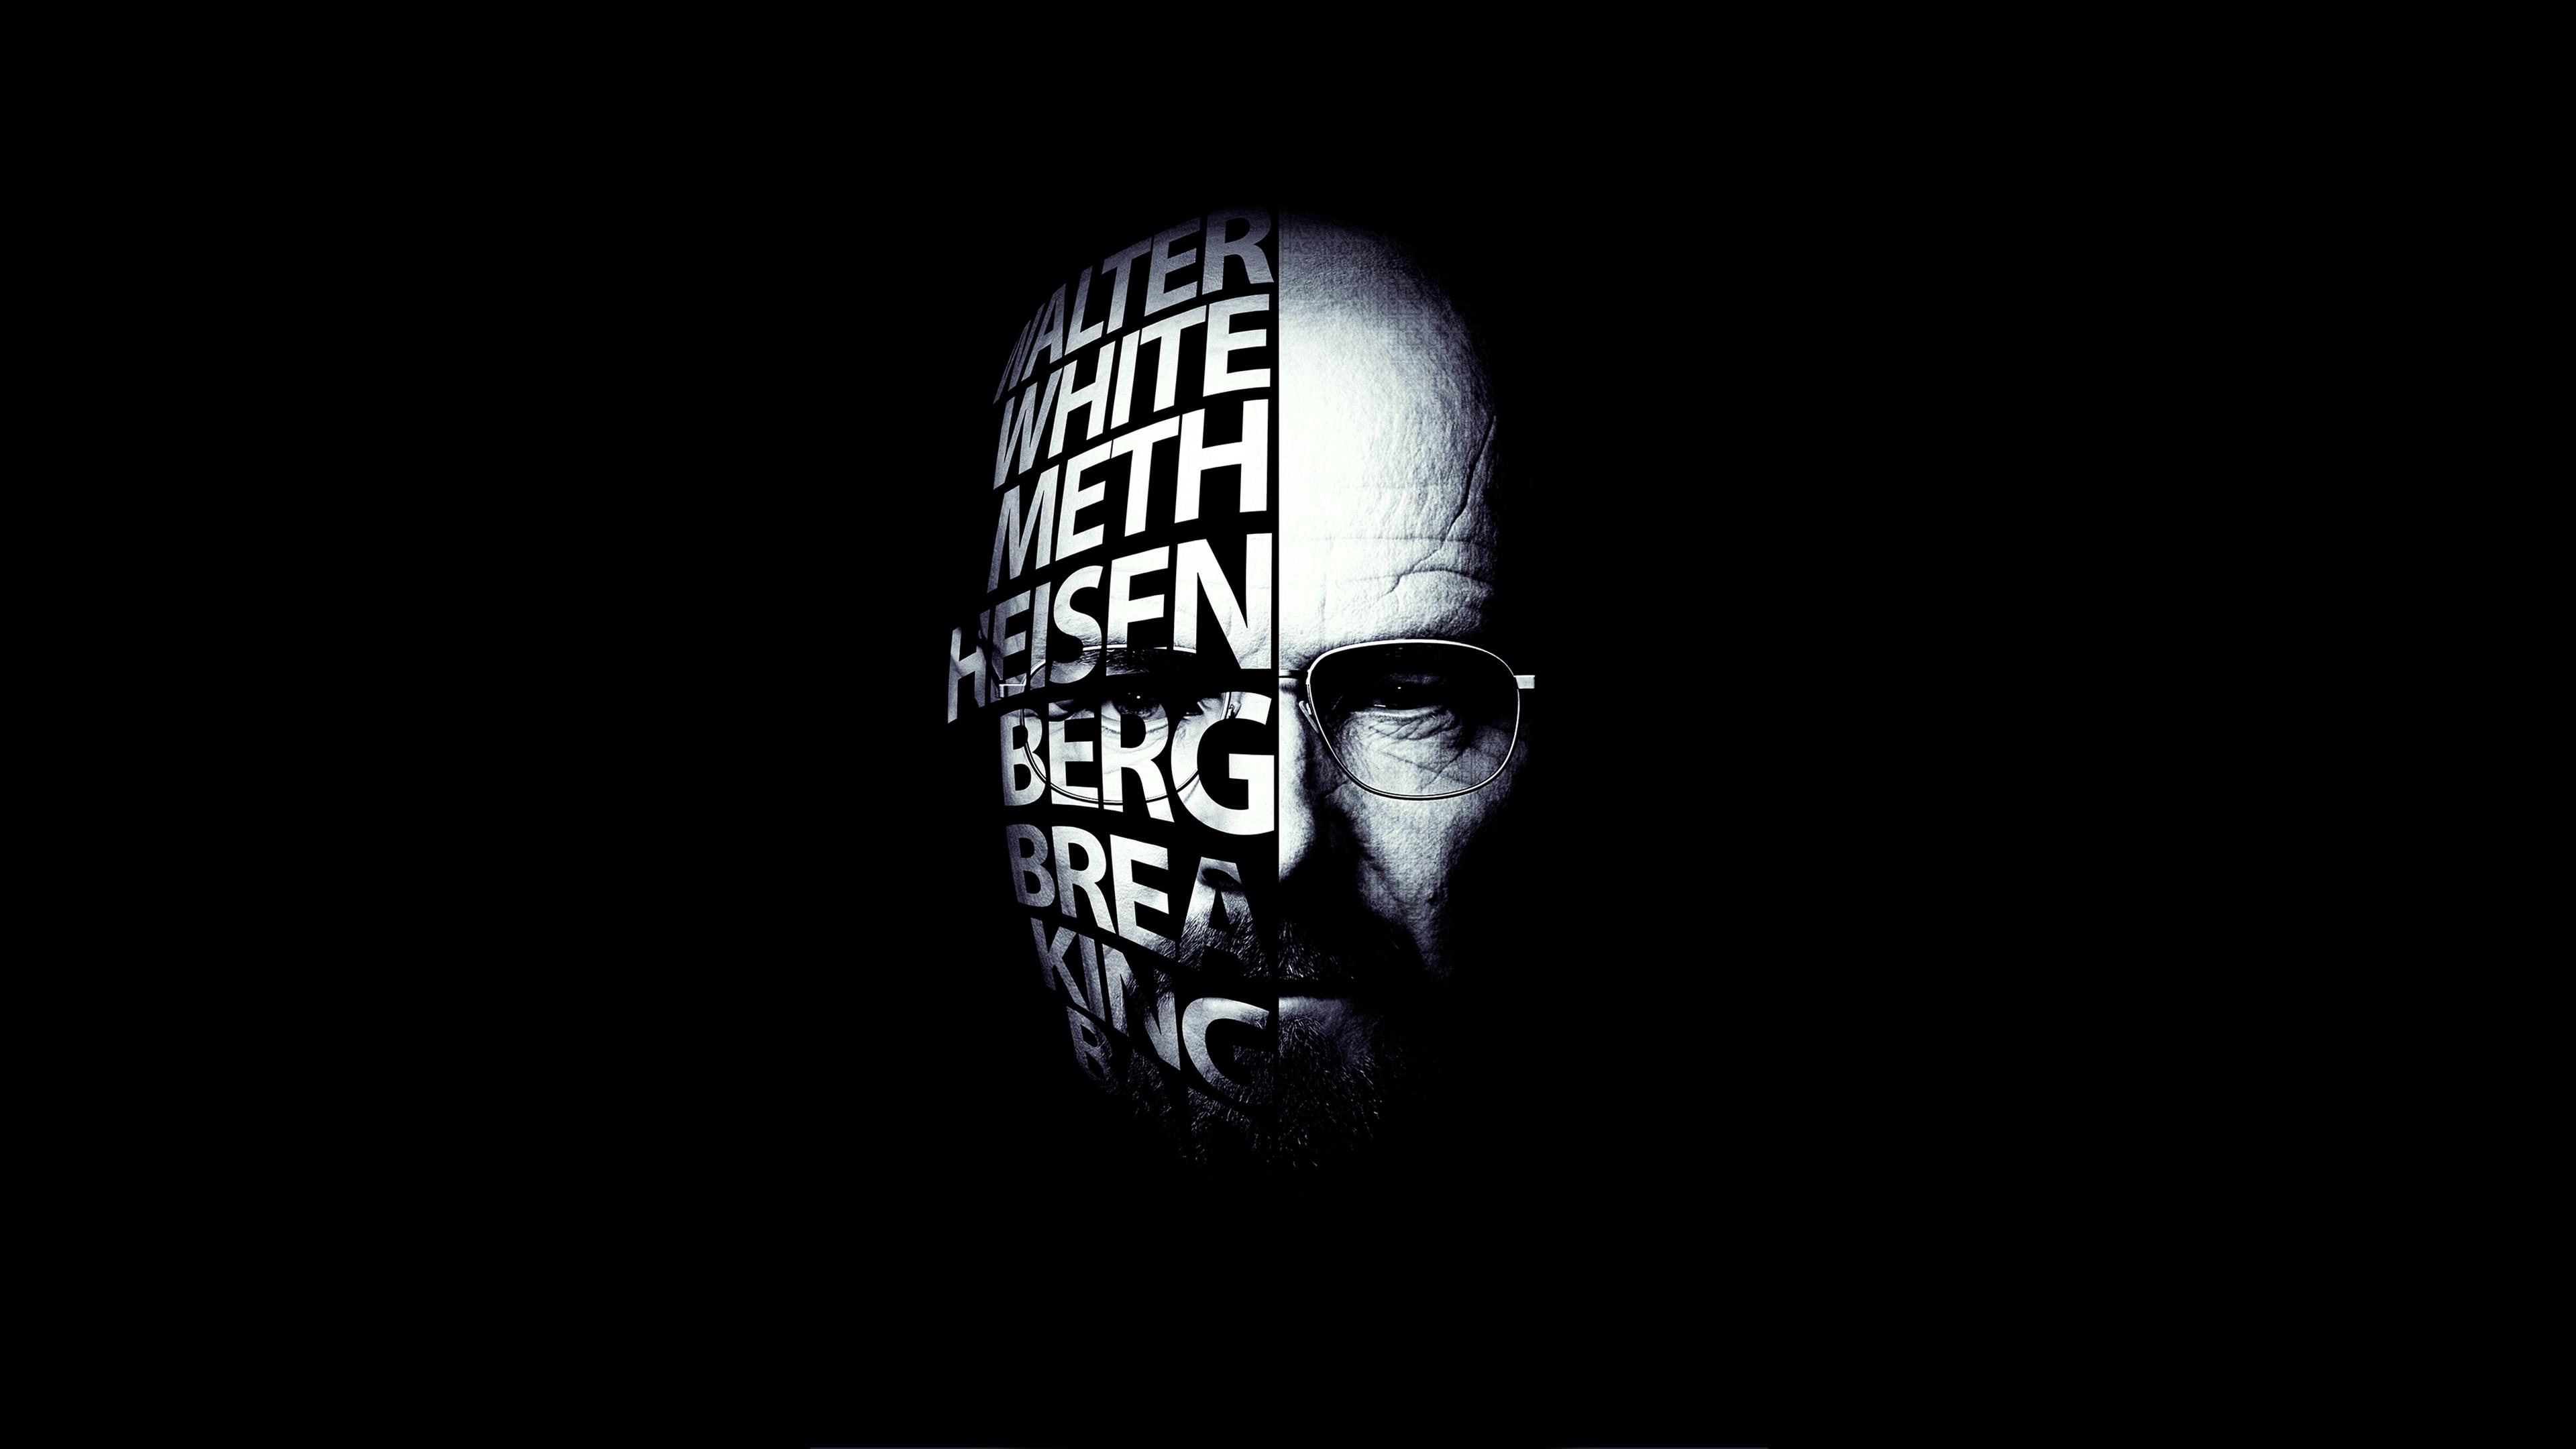 Рекламная афиша - главный герой в очках с бородой и буквами на черном фоне